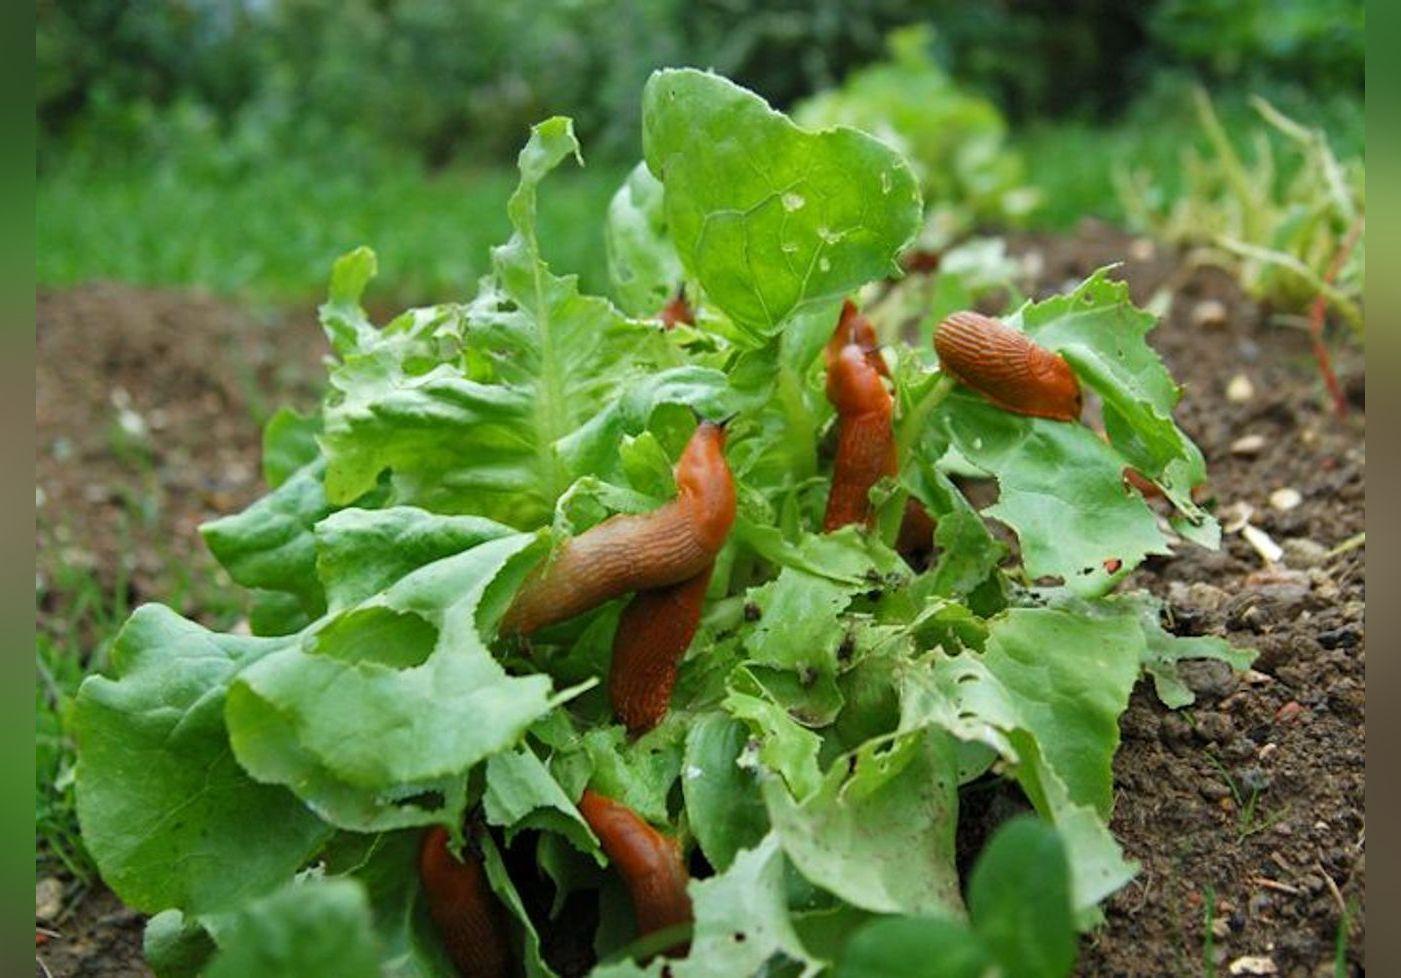 Le poivre est un répulsif efficace et naturel contre les indésirables de votre jardin !